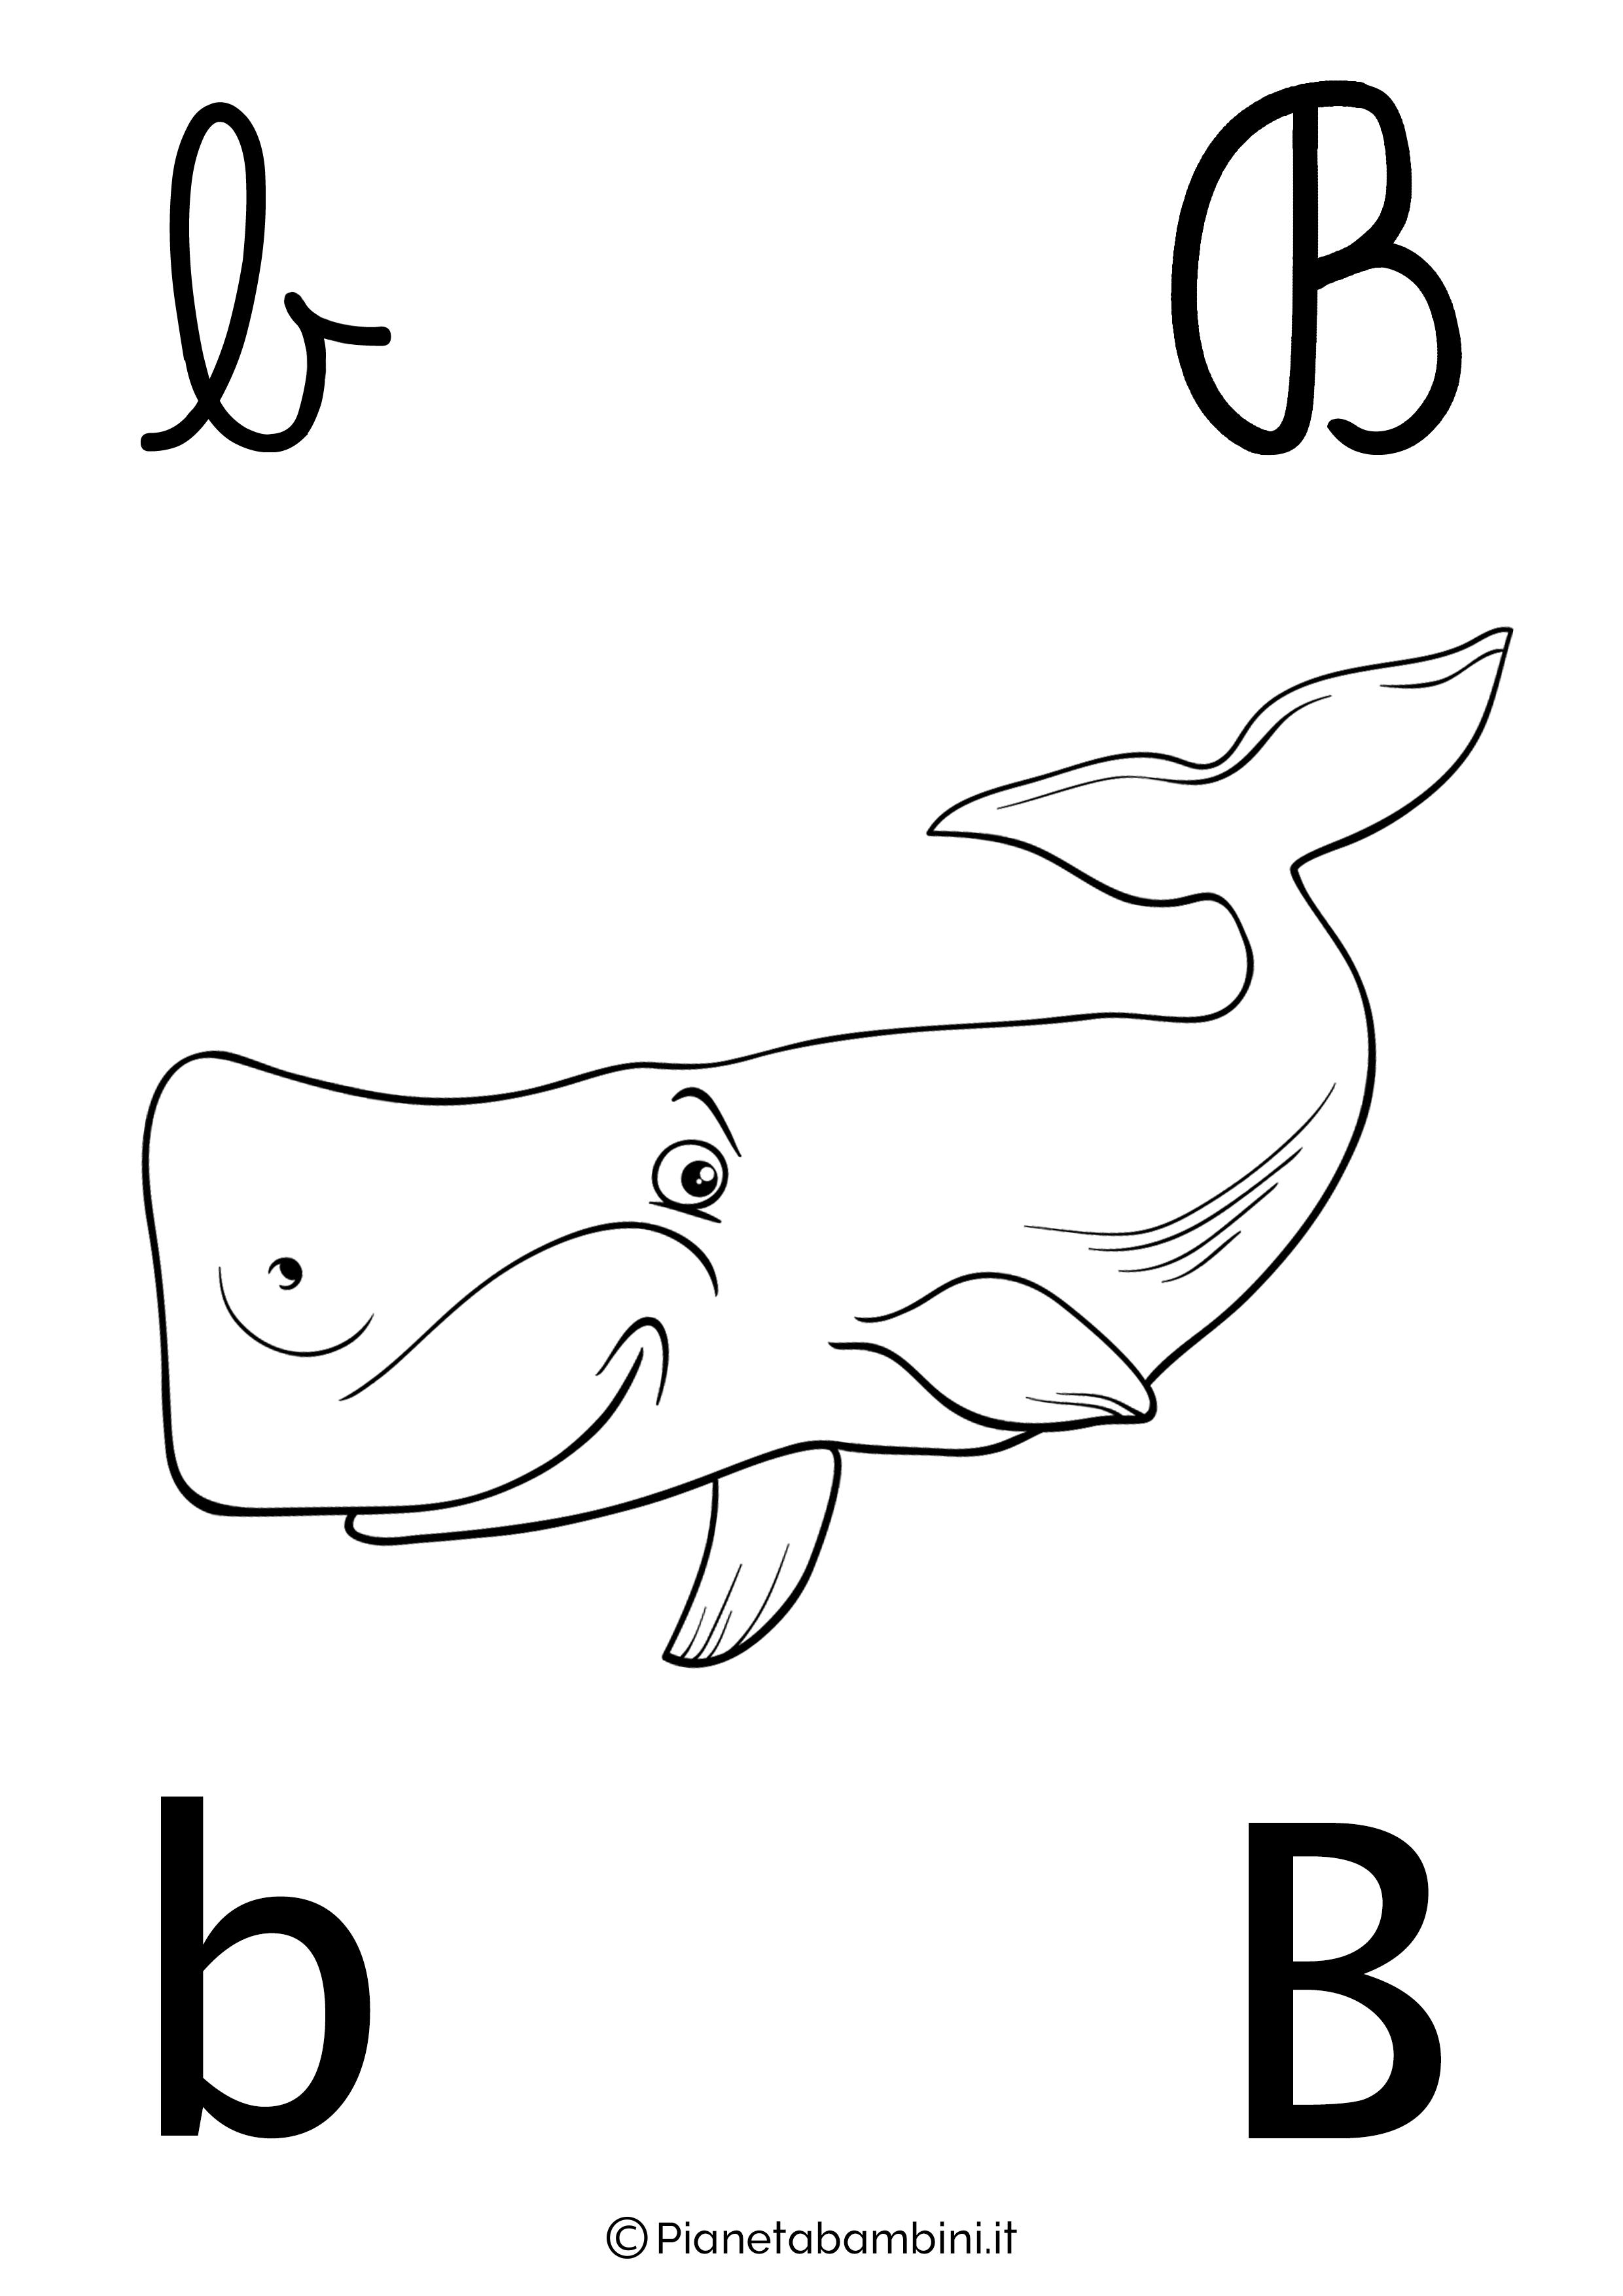 Alfabetiere lettera B da colorare